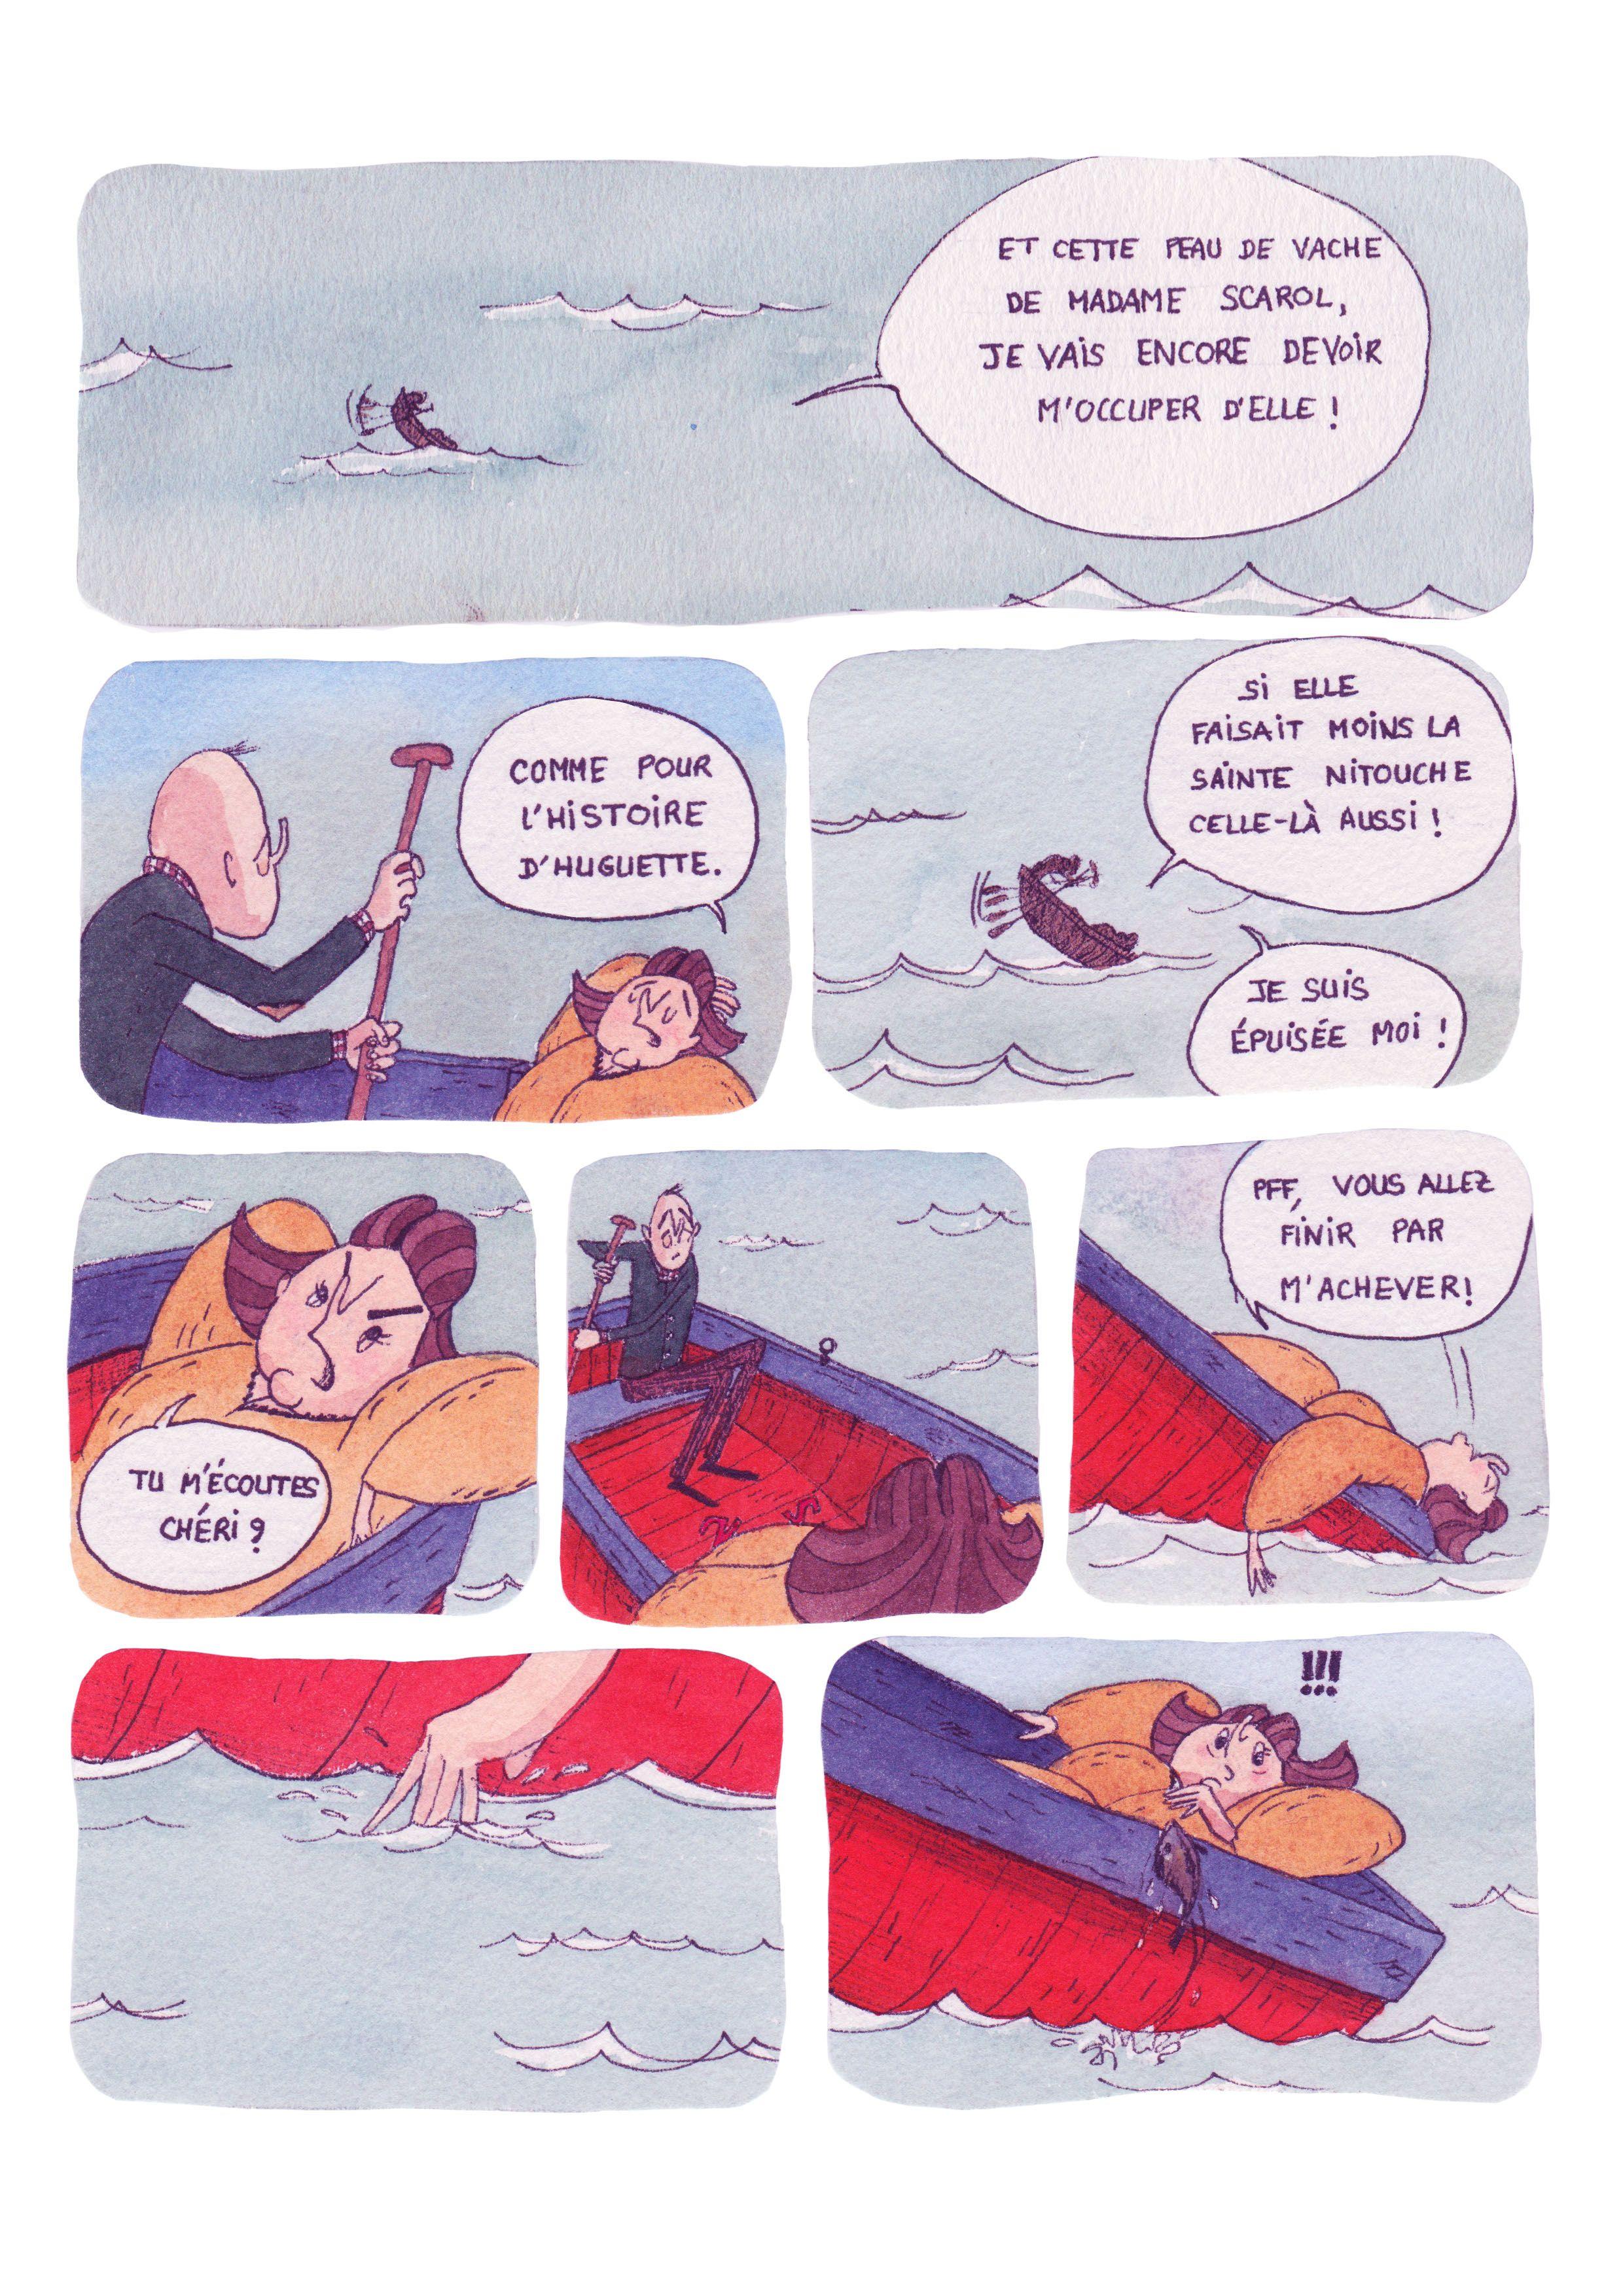 petite bd à découvrir: http://penelopecamus.blogspot.fr/